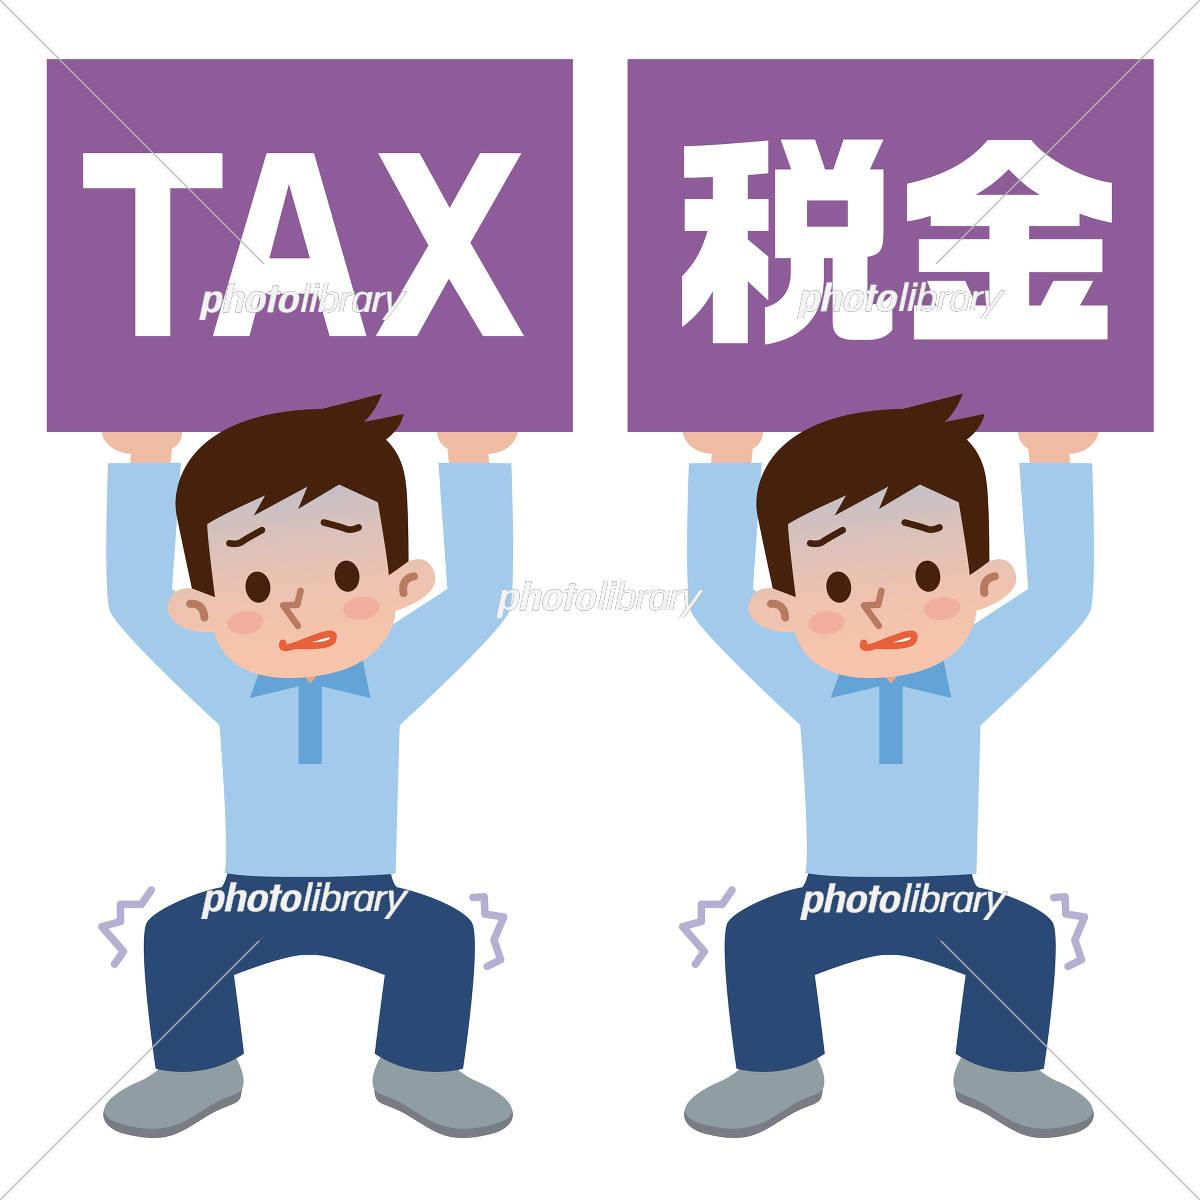 税金を支える男性 イラスト素材 3085649 フォトライブラリー